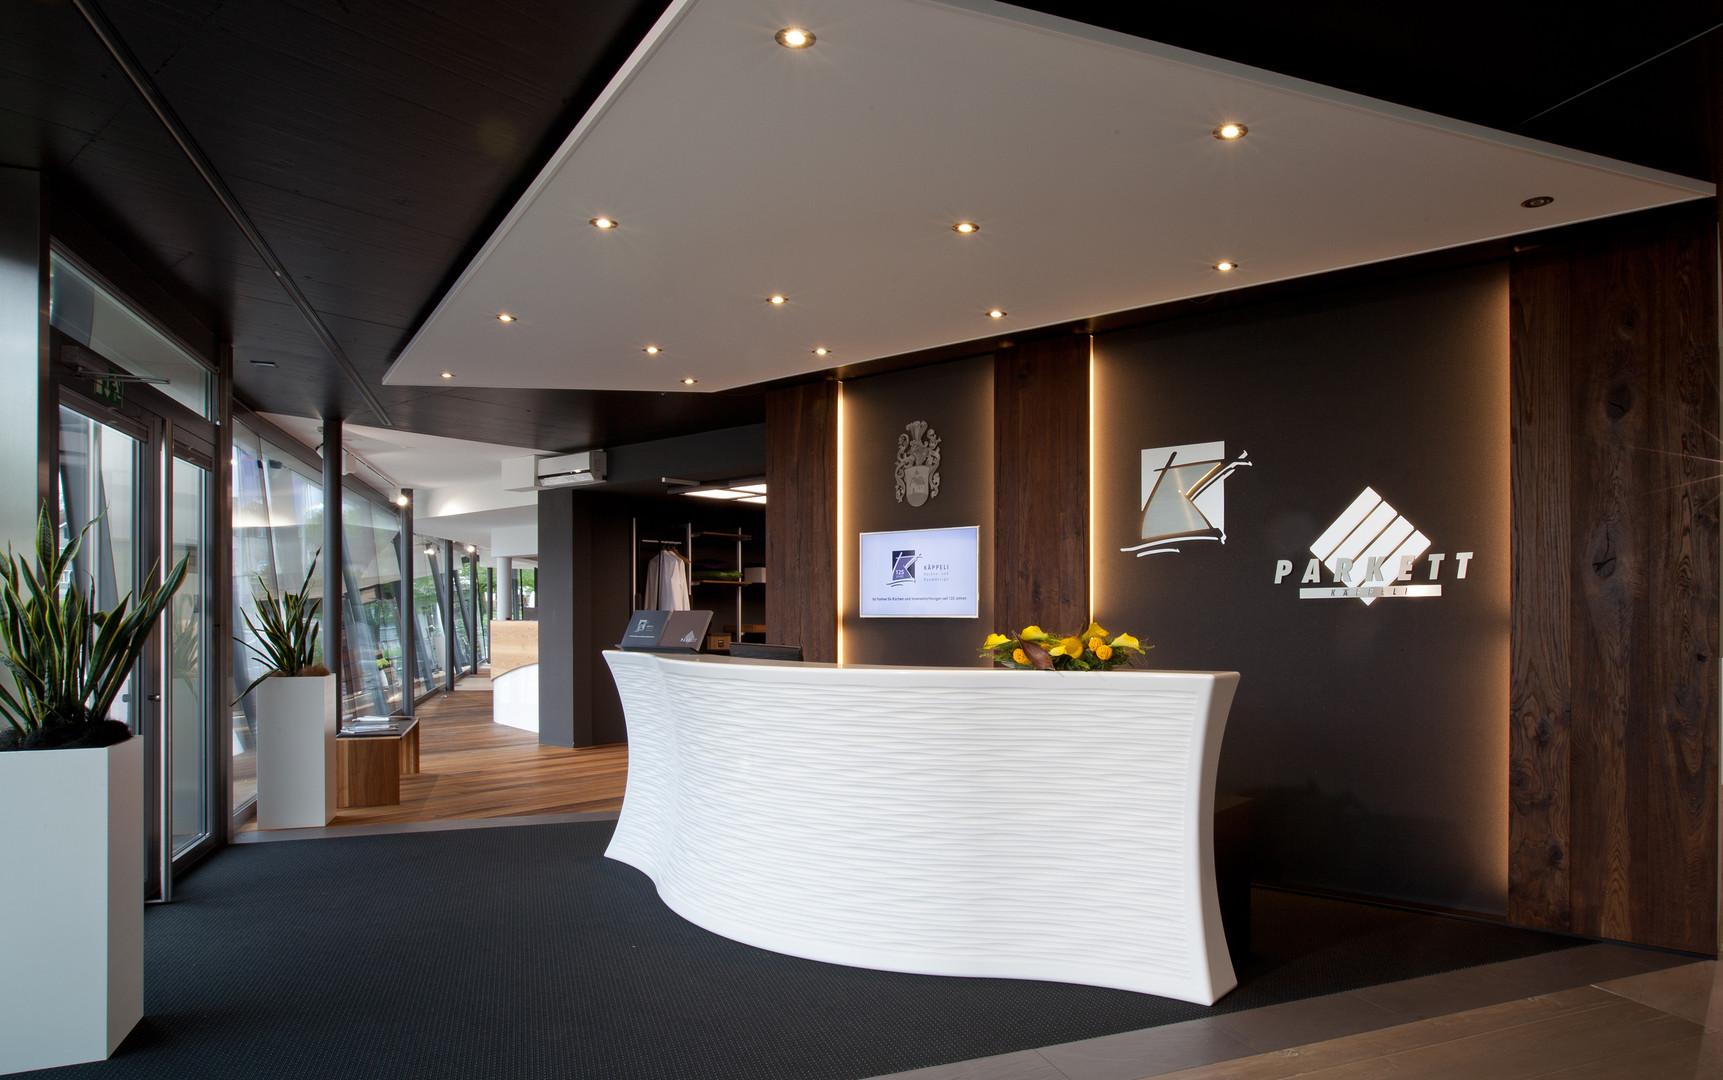 KÄPPELI AG, Küchen- und Raumdesign, 5634 Merenschwand, Ausstellung